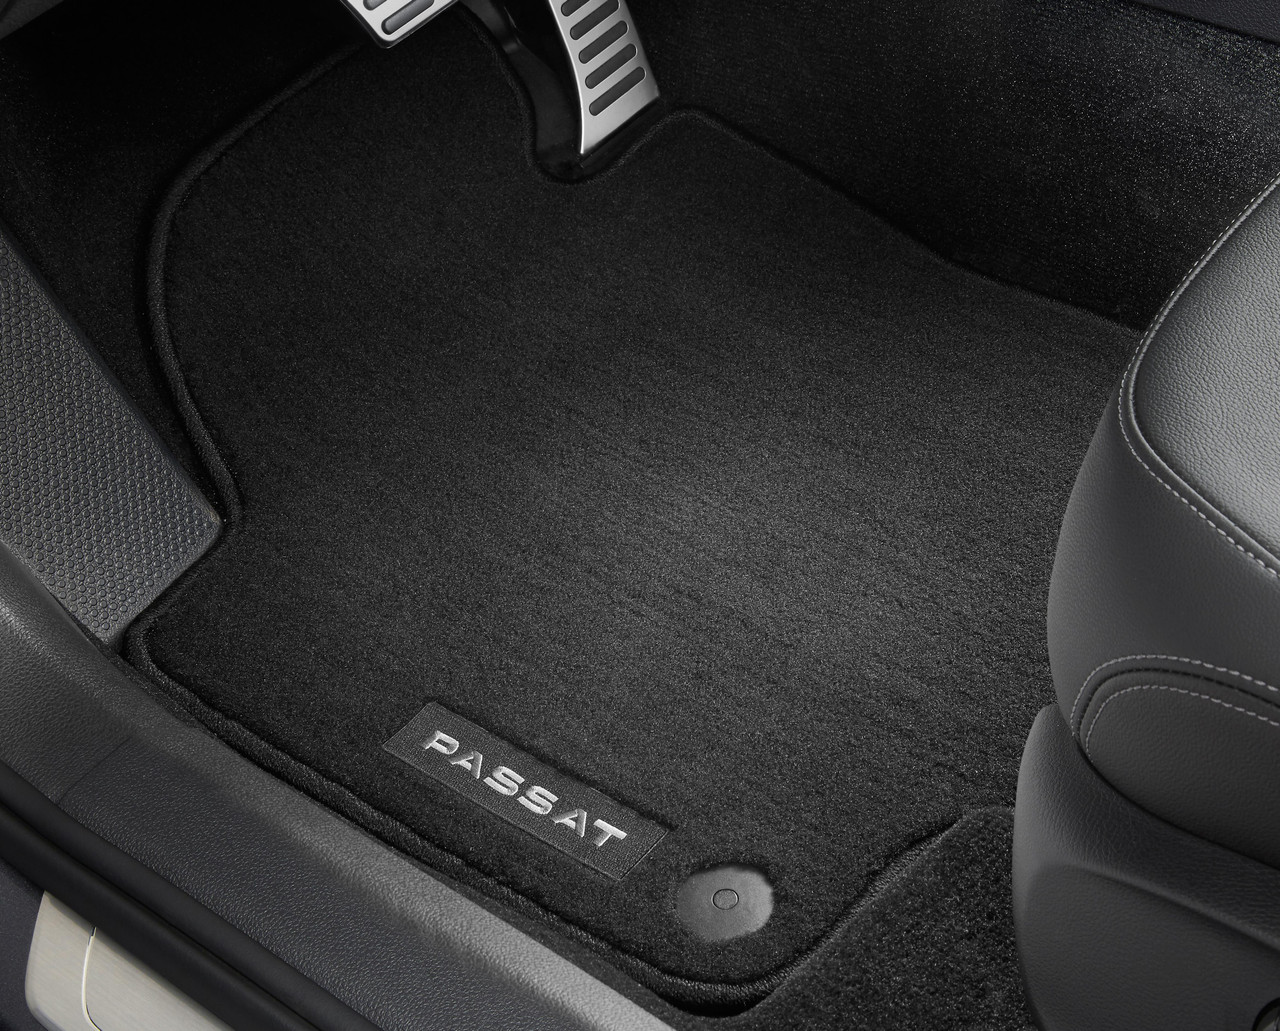 2020-2022 Volkswagen Passat Carpet Floor Mats